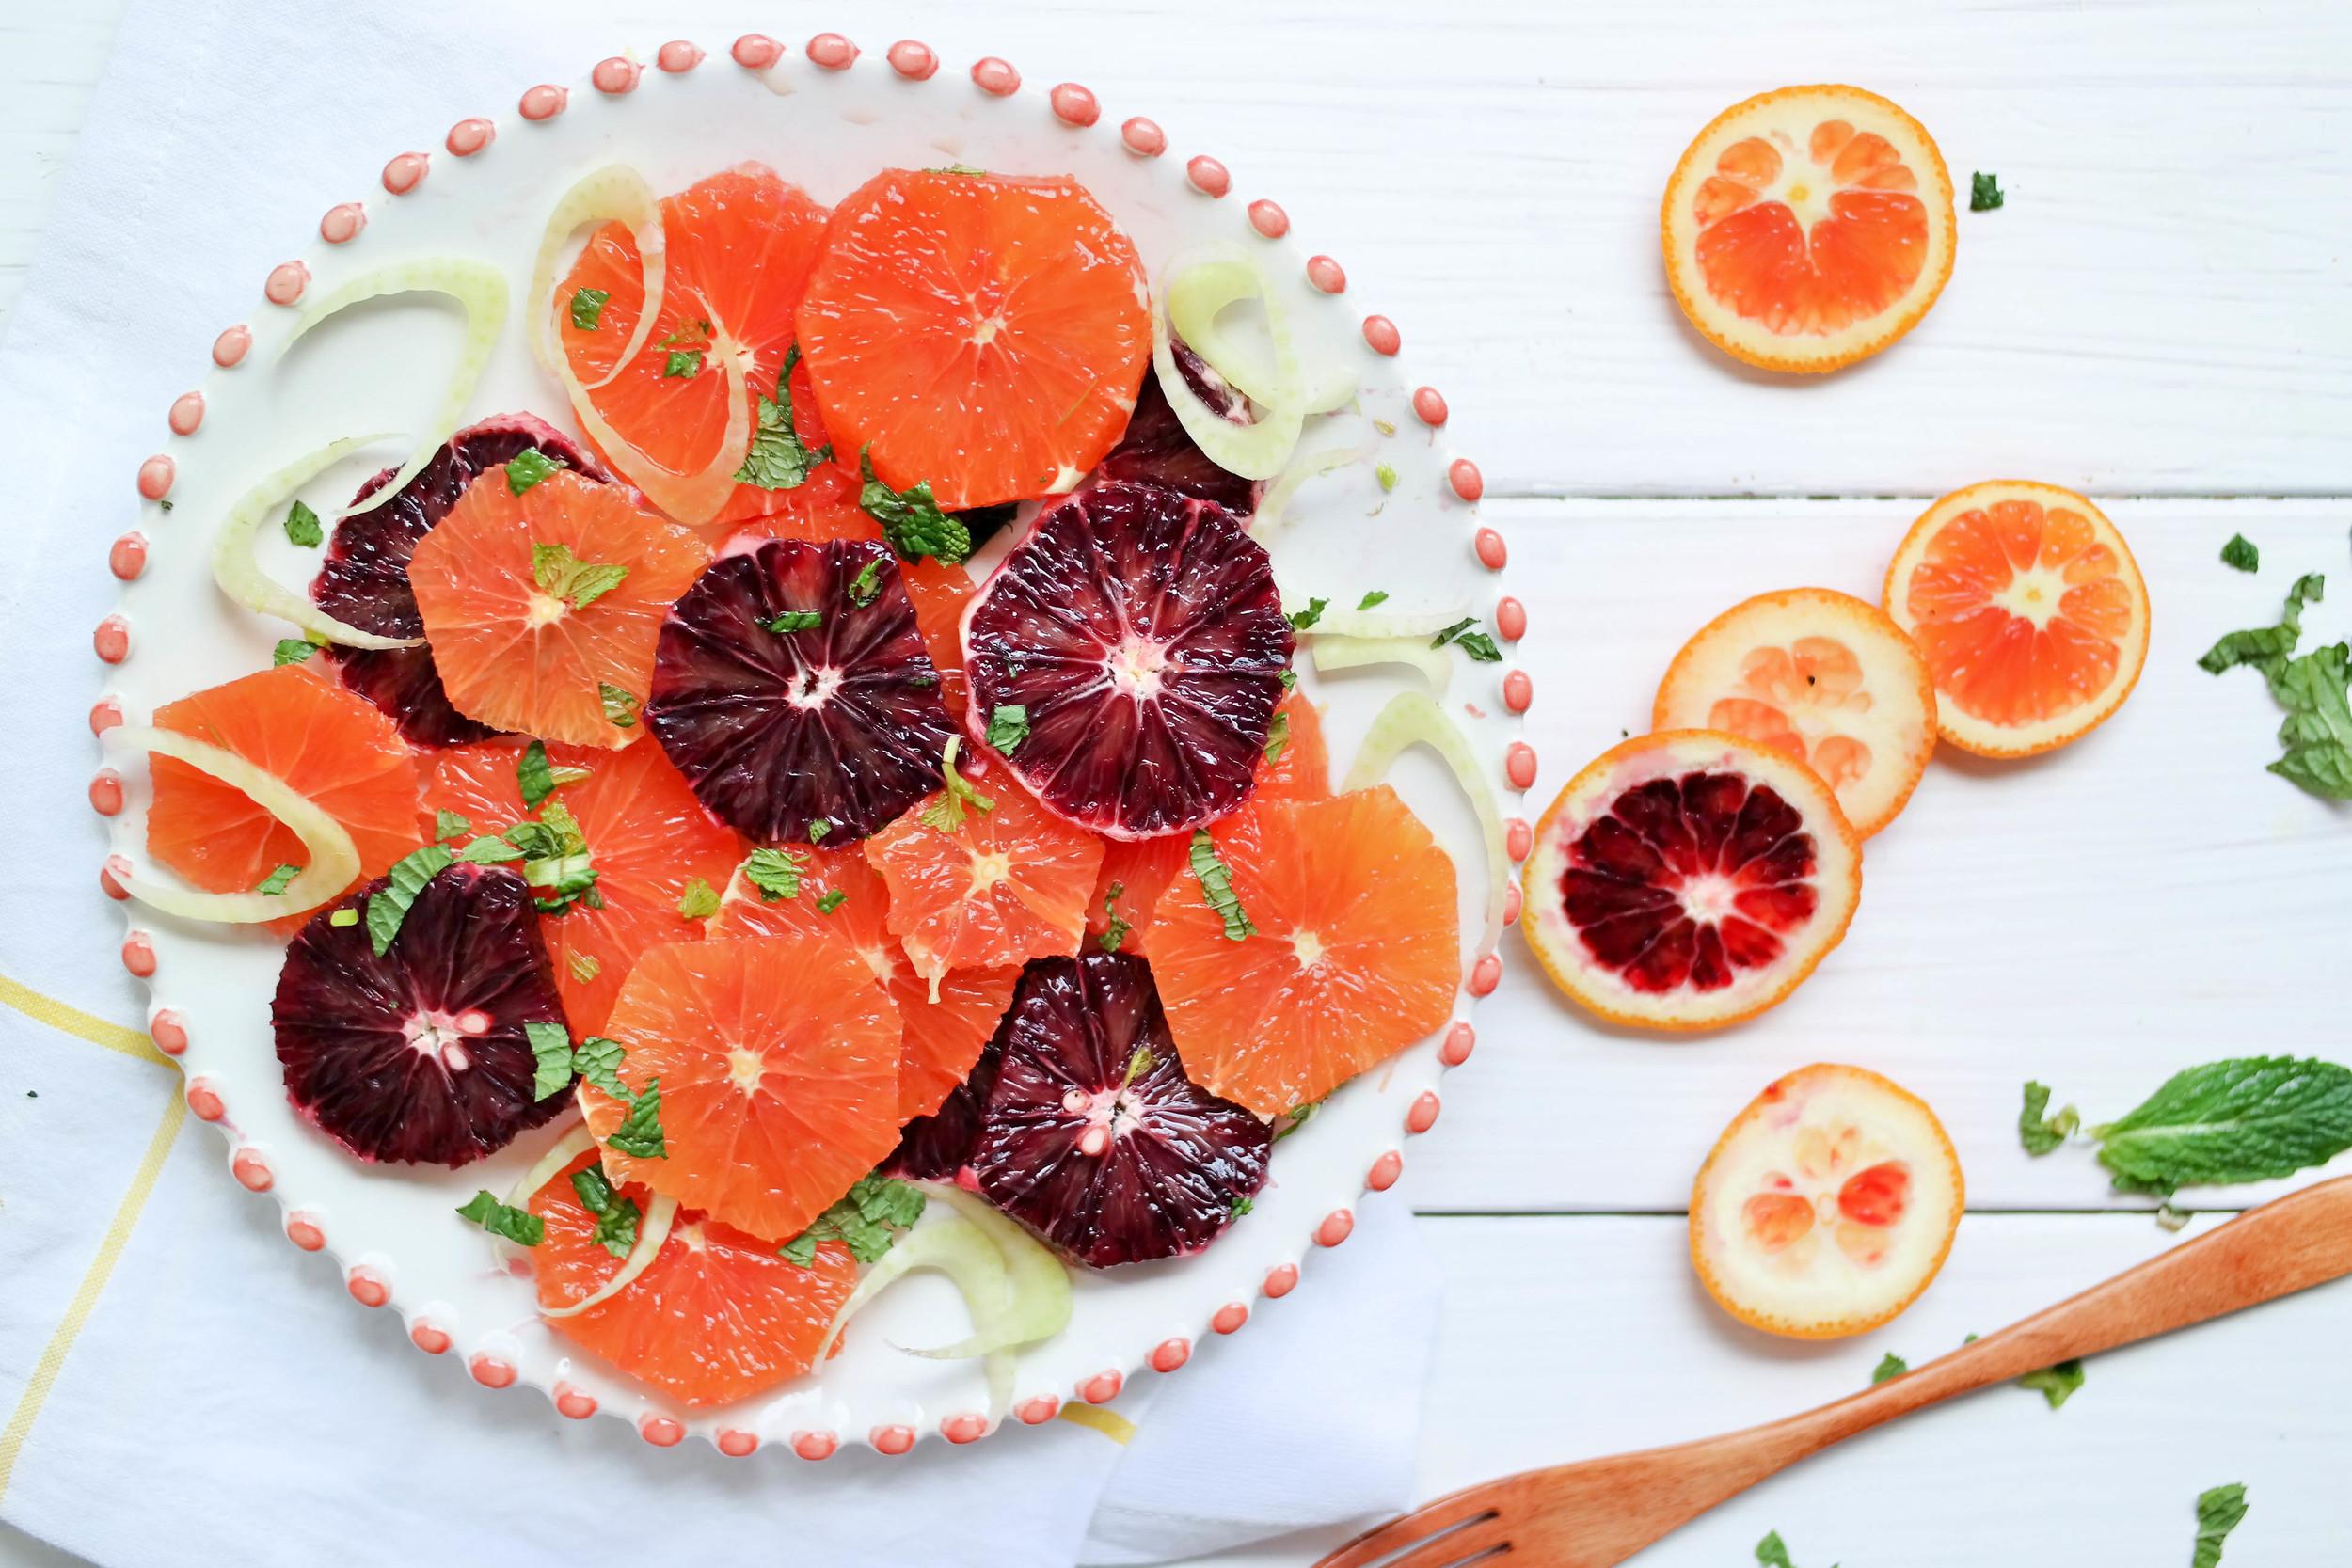 Orange-and-Fennel-Salad | www.8thandlake.com